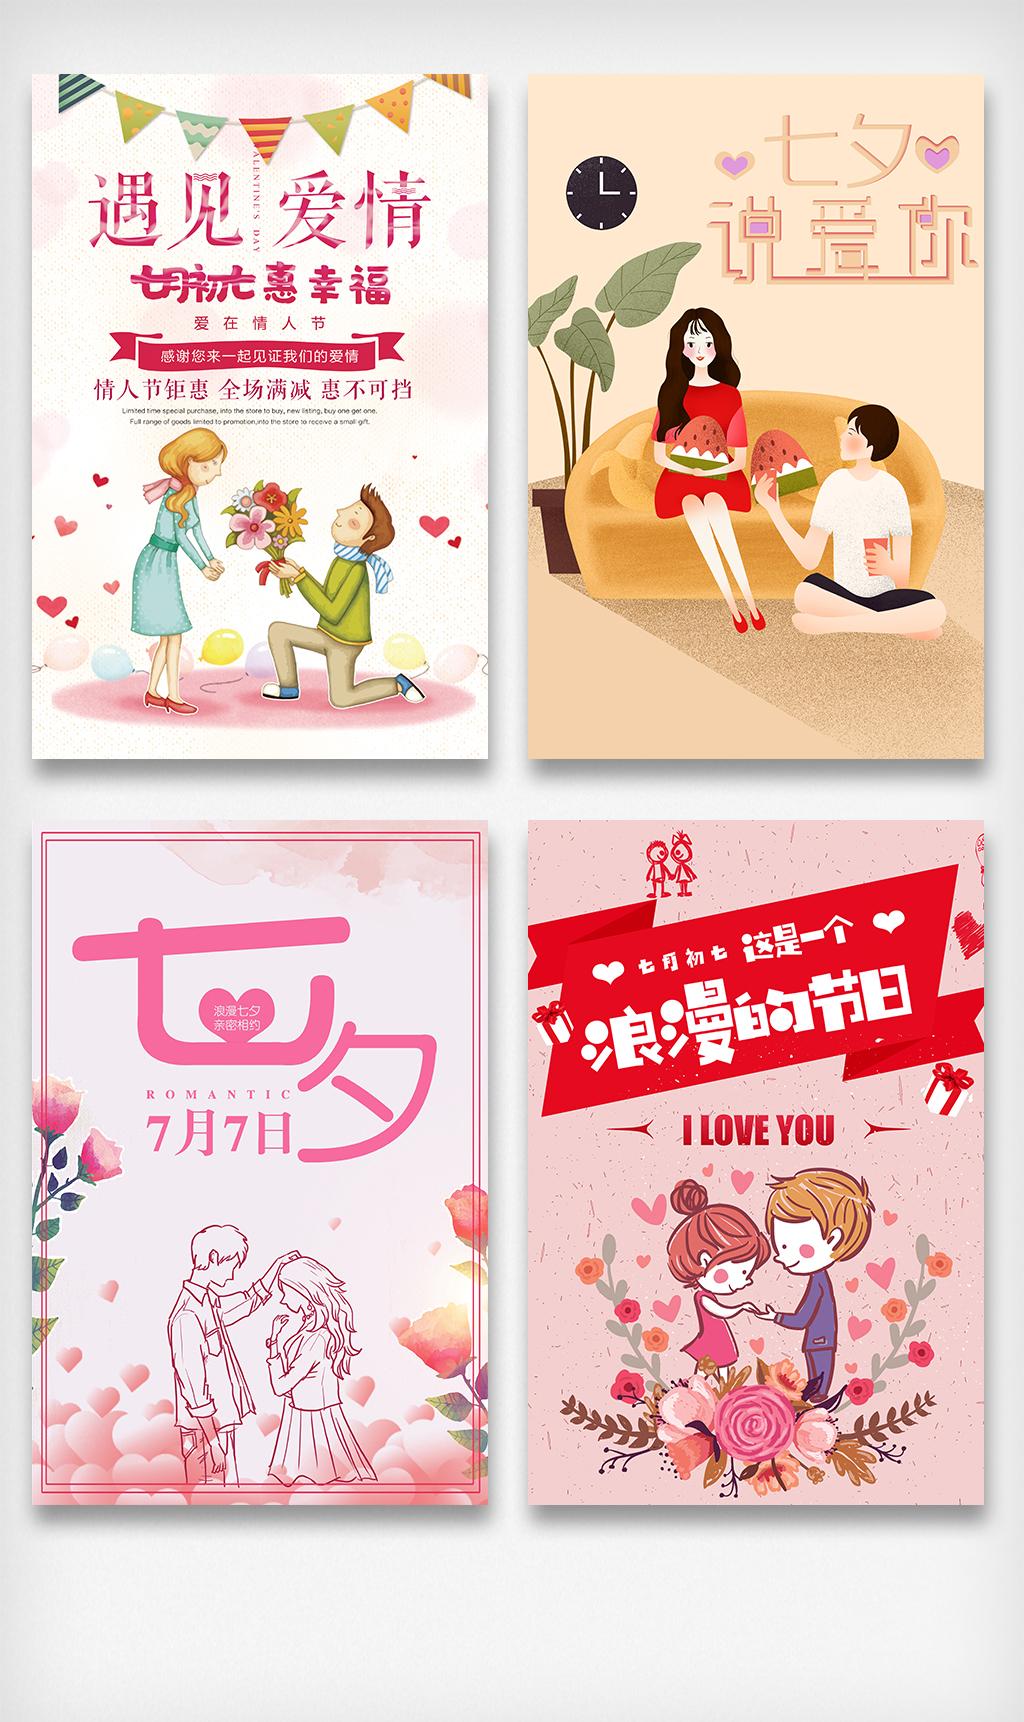 情人节手绘卡通情侣广告海报背景